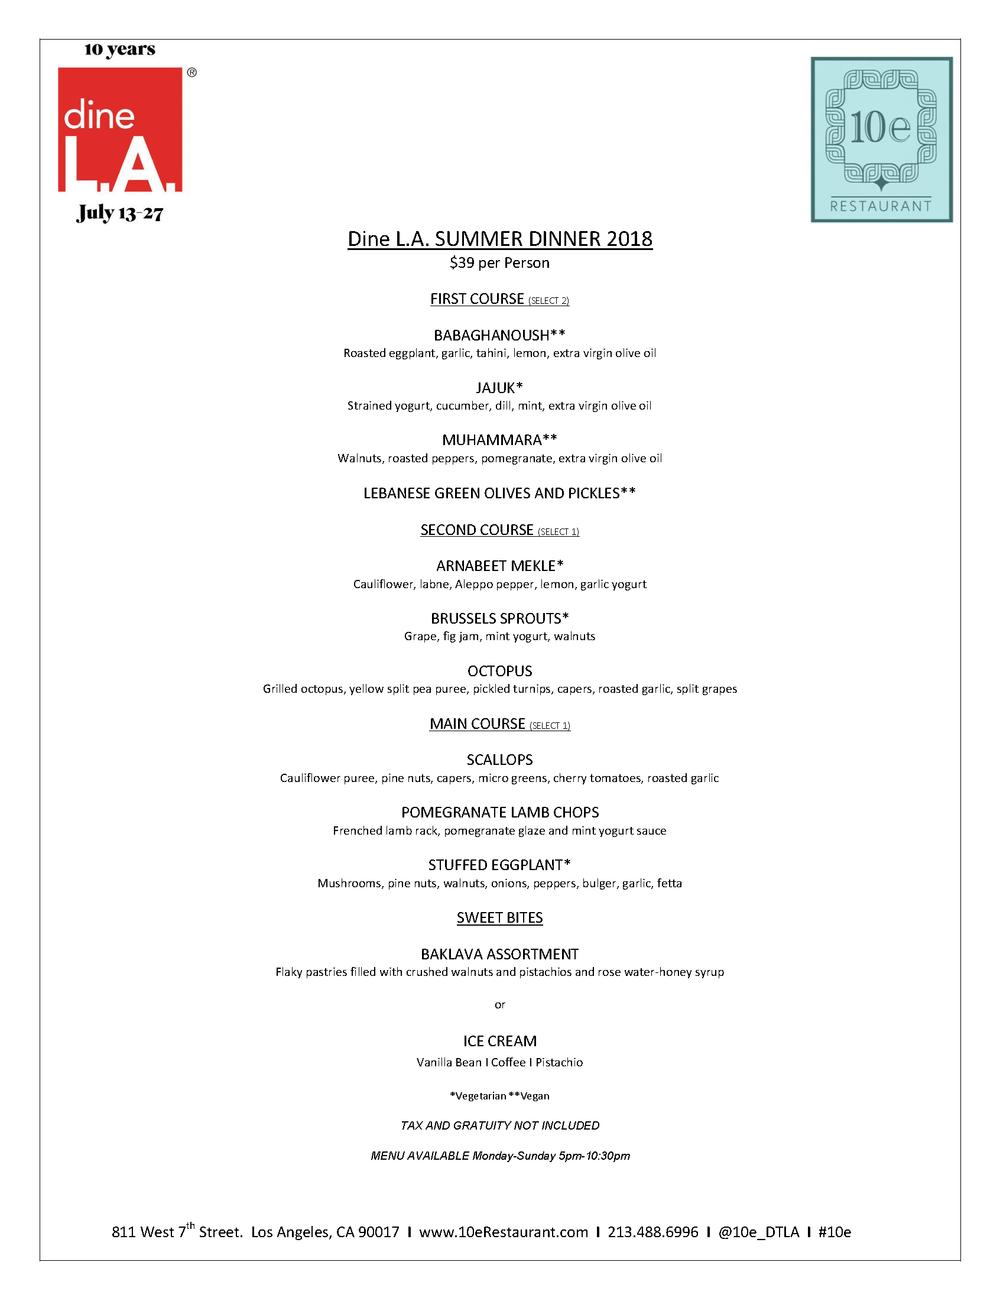 DINE LA DINNER SPECIALS SUMMER 2018.png